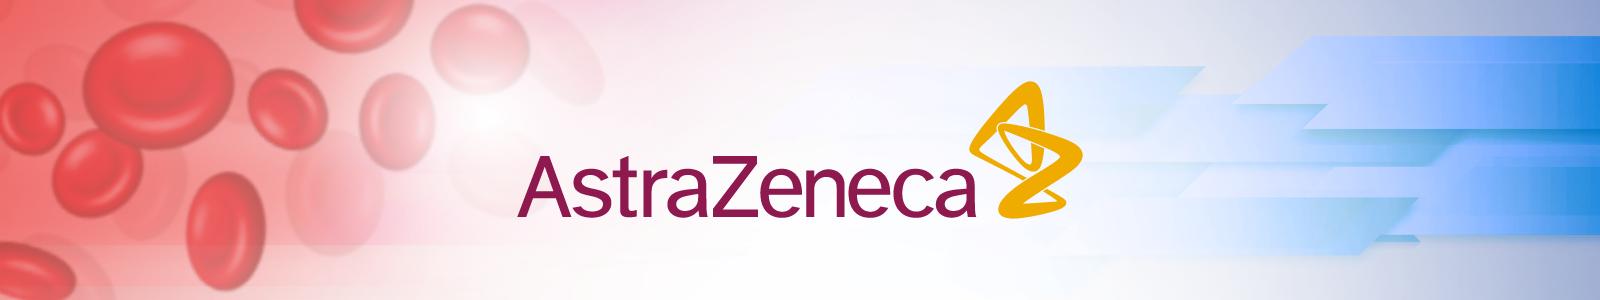 Diacordis2021-BANNER-Astrazeneca